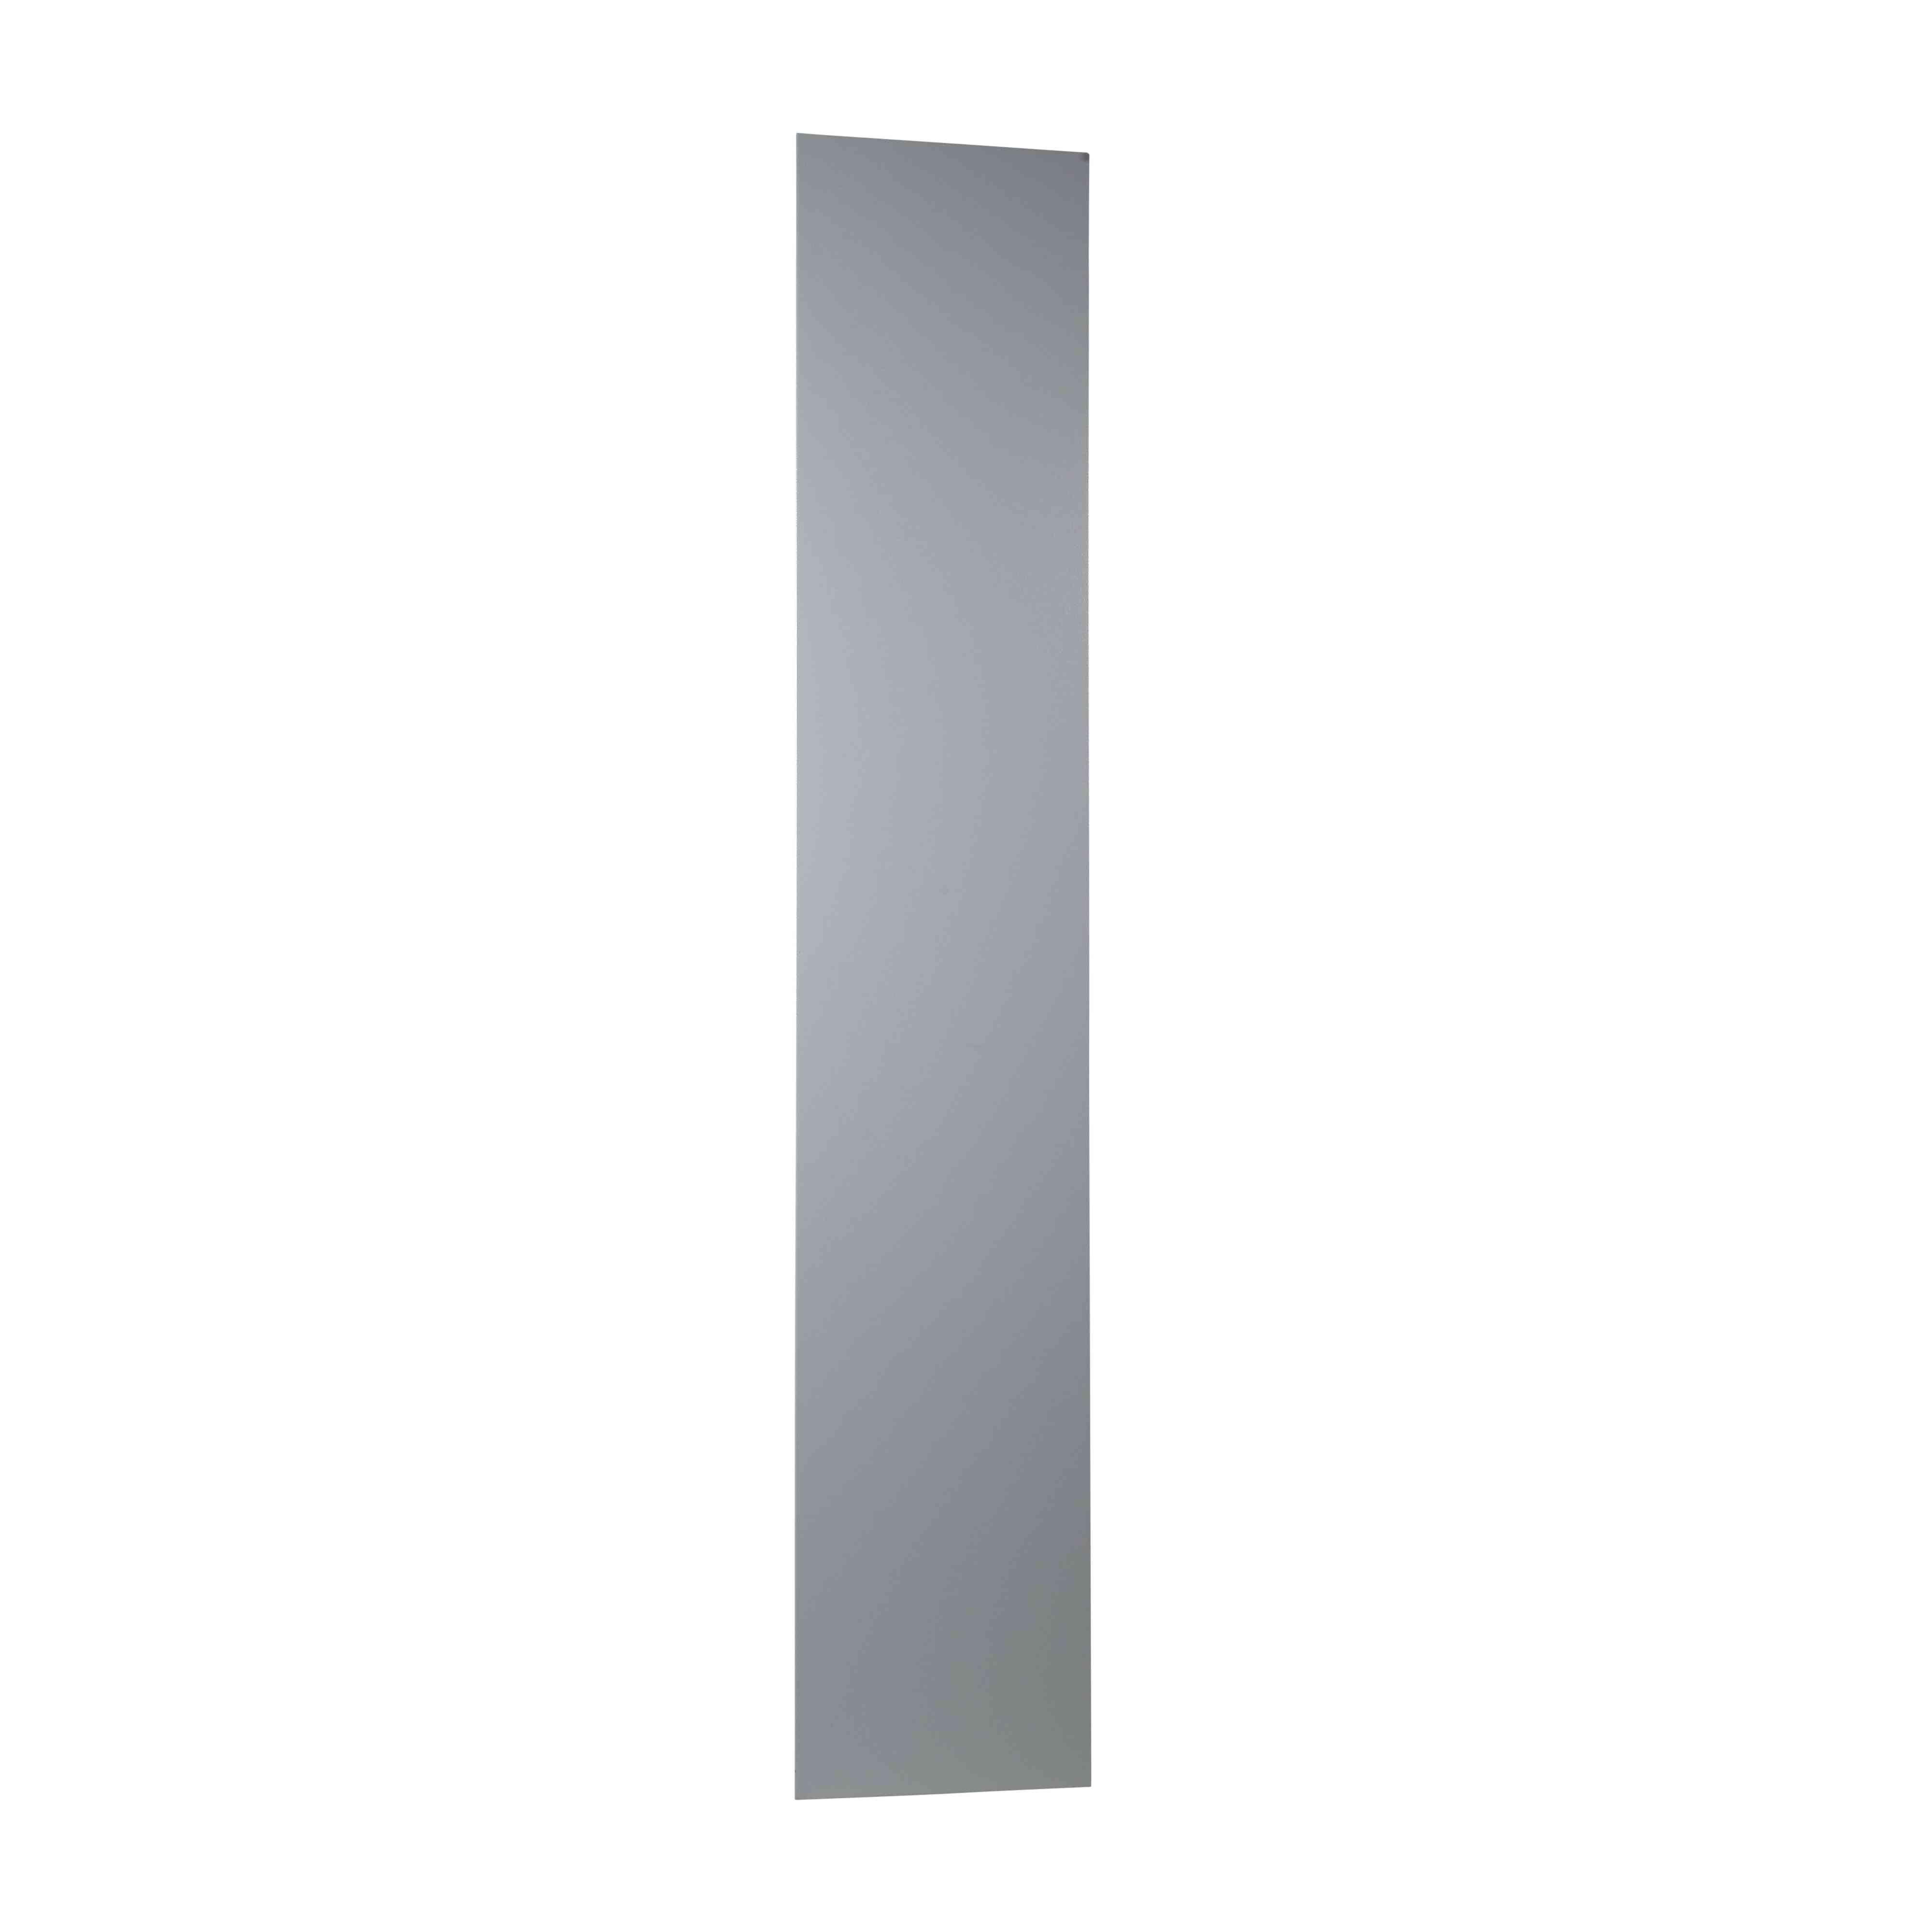 Stranske plošče Spacial SF za notranjo pritrditev - 2000 x 500 mm